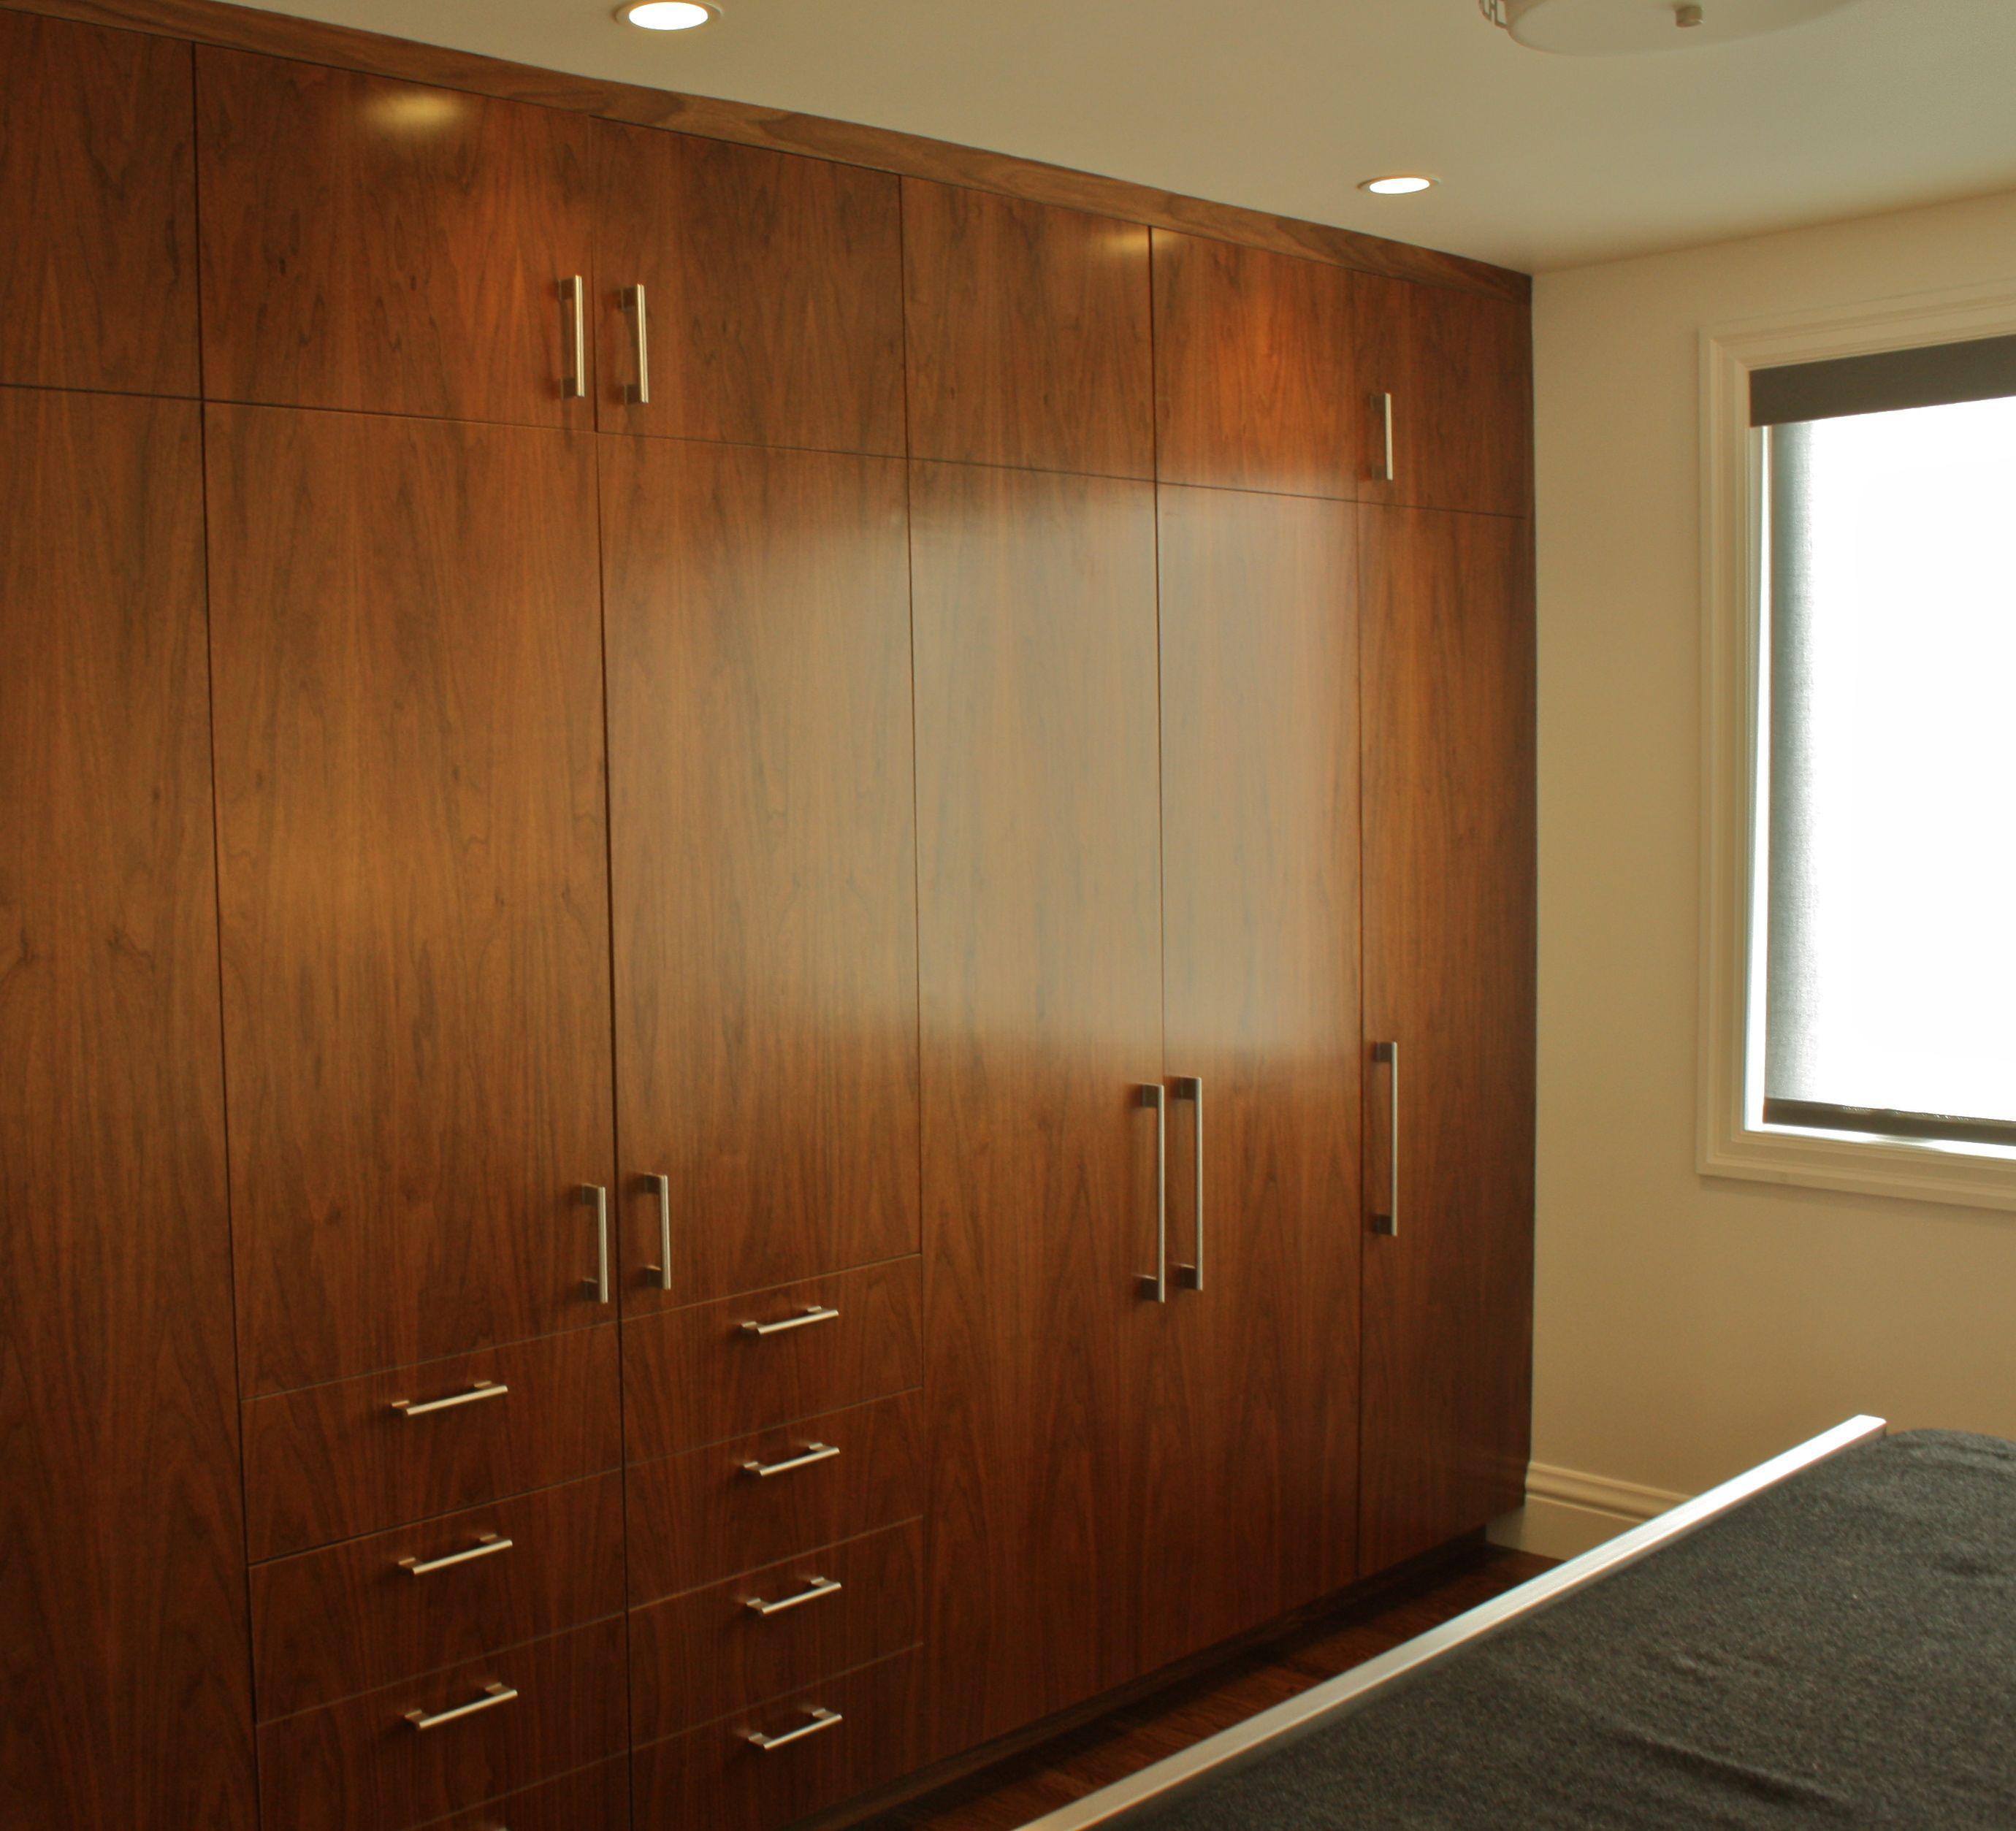 Floor to ceiling storage cabinets - Hidden Bed